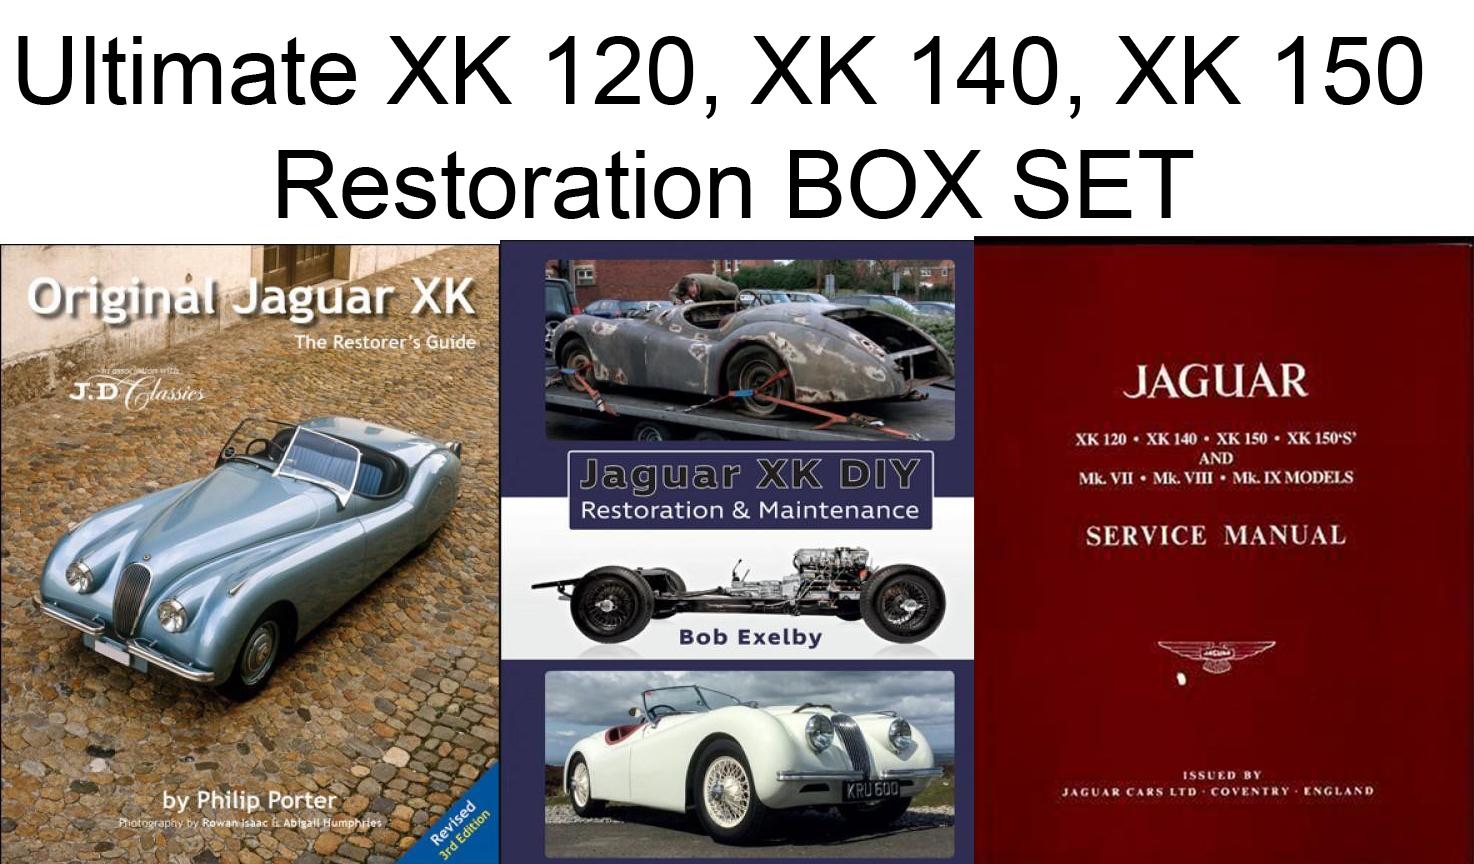 Sentinel Jaguar Ultimate XK120 XK140 XK150 Restoration Repair Service  Manual Book BOX SET